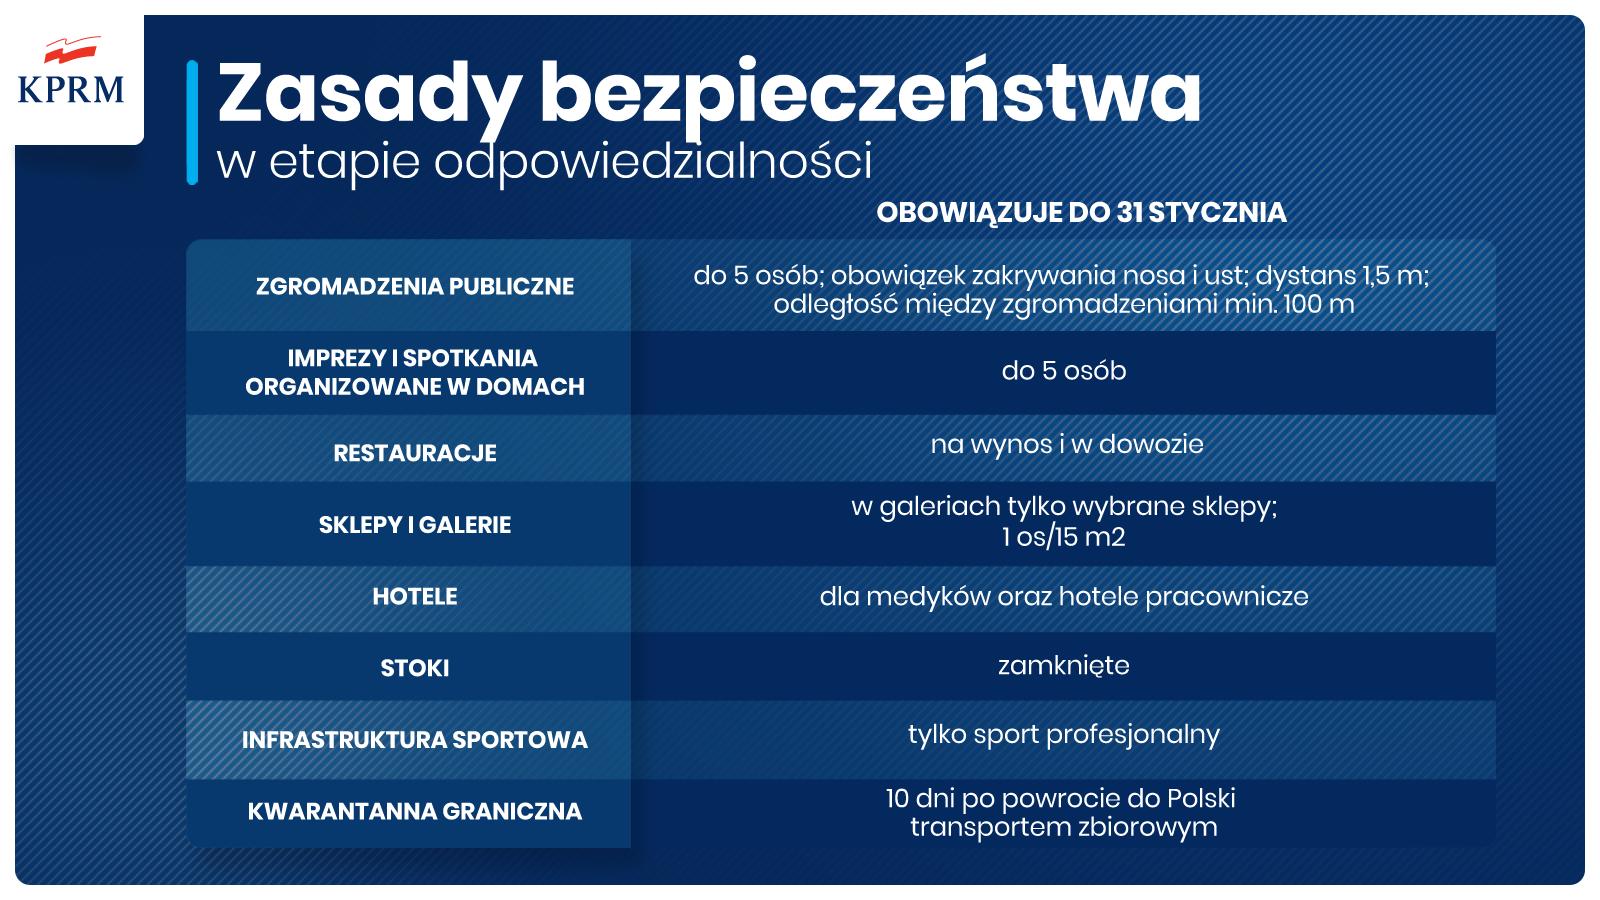 baner graficzny z najważniejszymi zasadami obowiązującymi od 18 stycznia 2021 roku